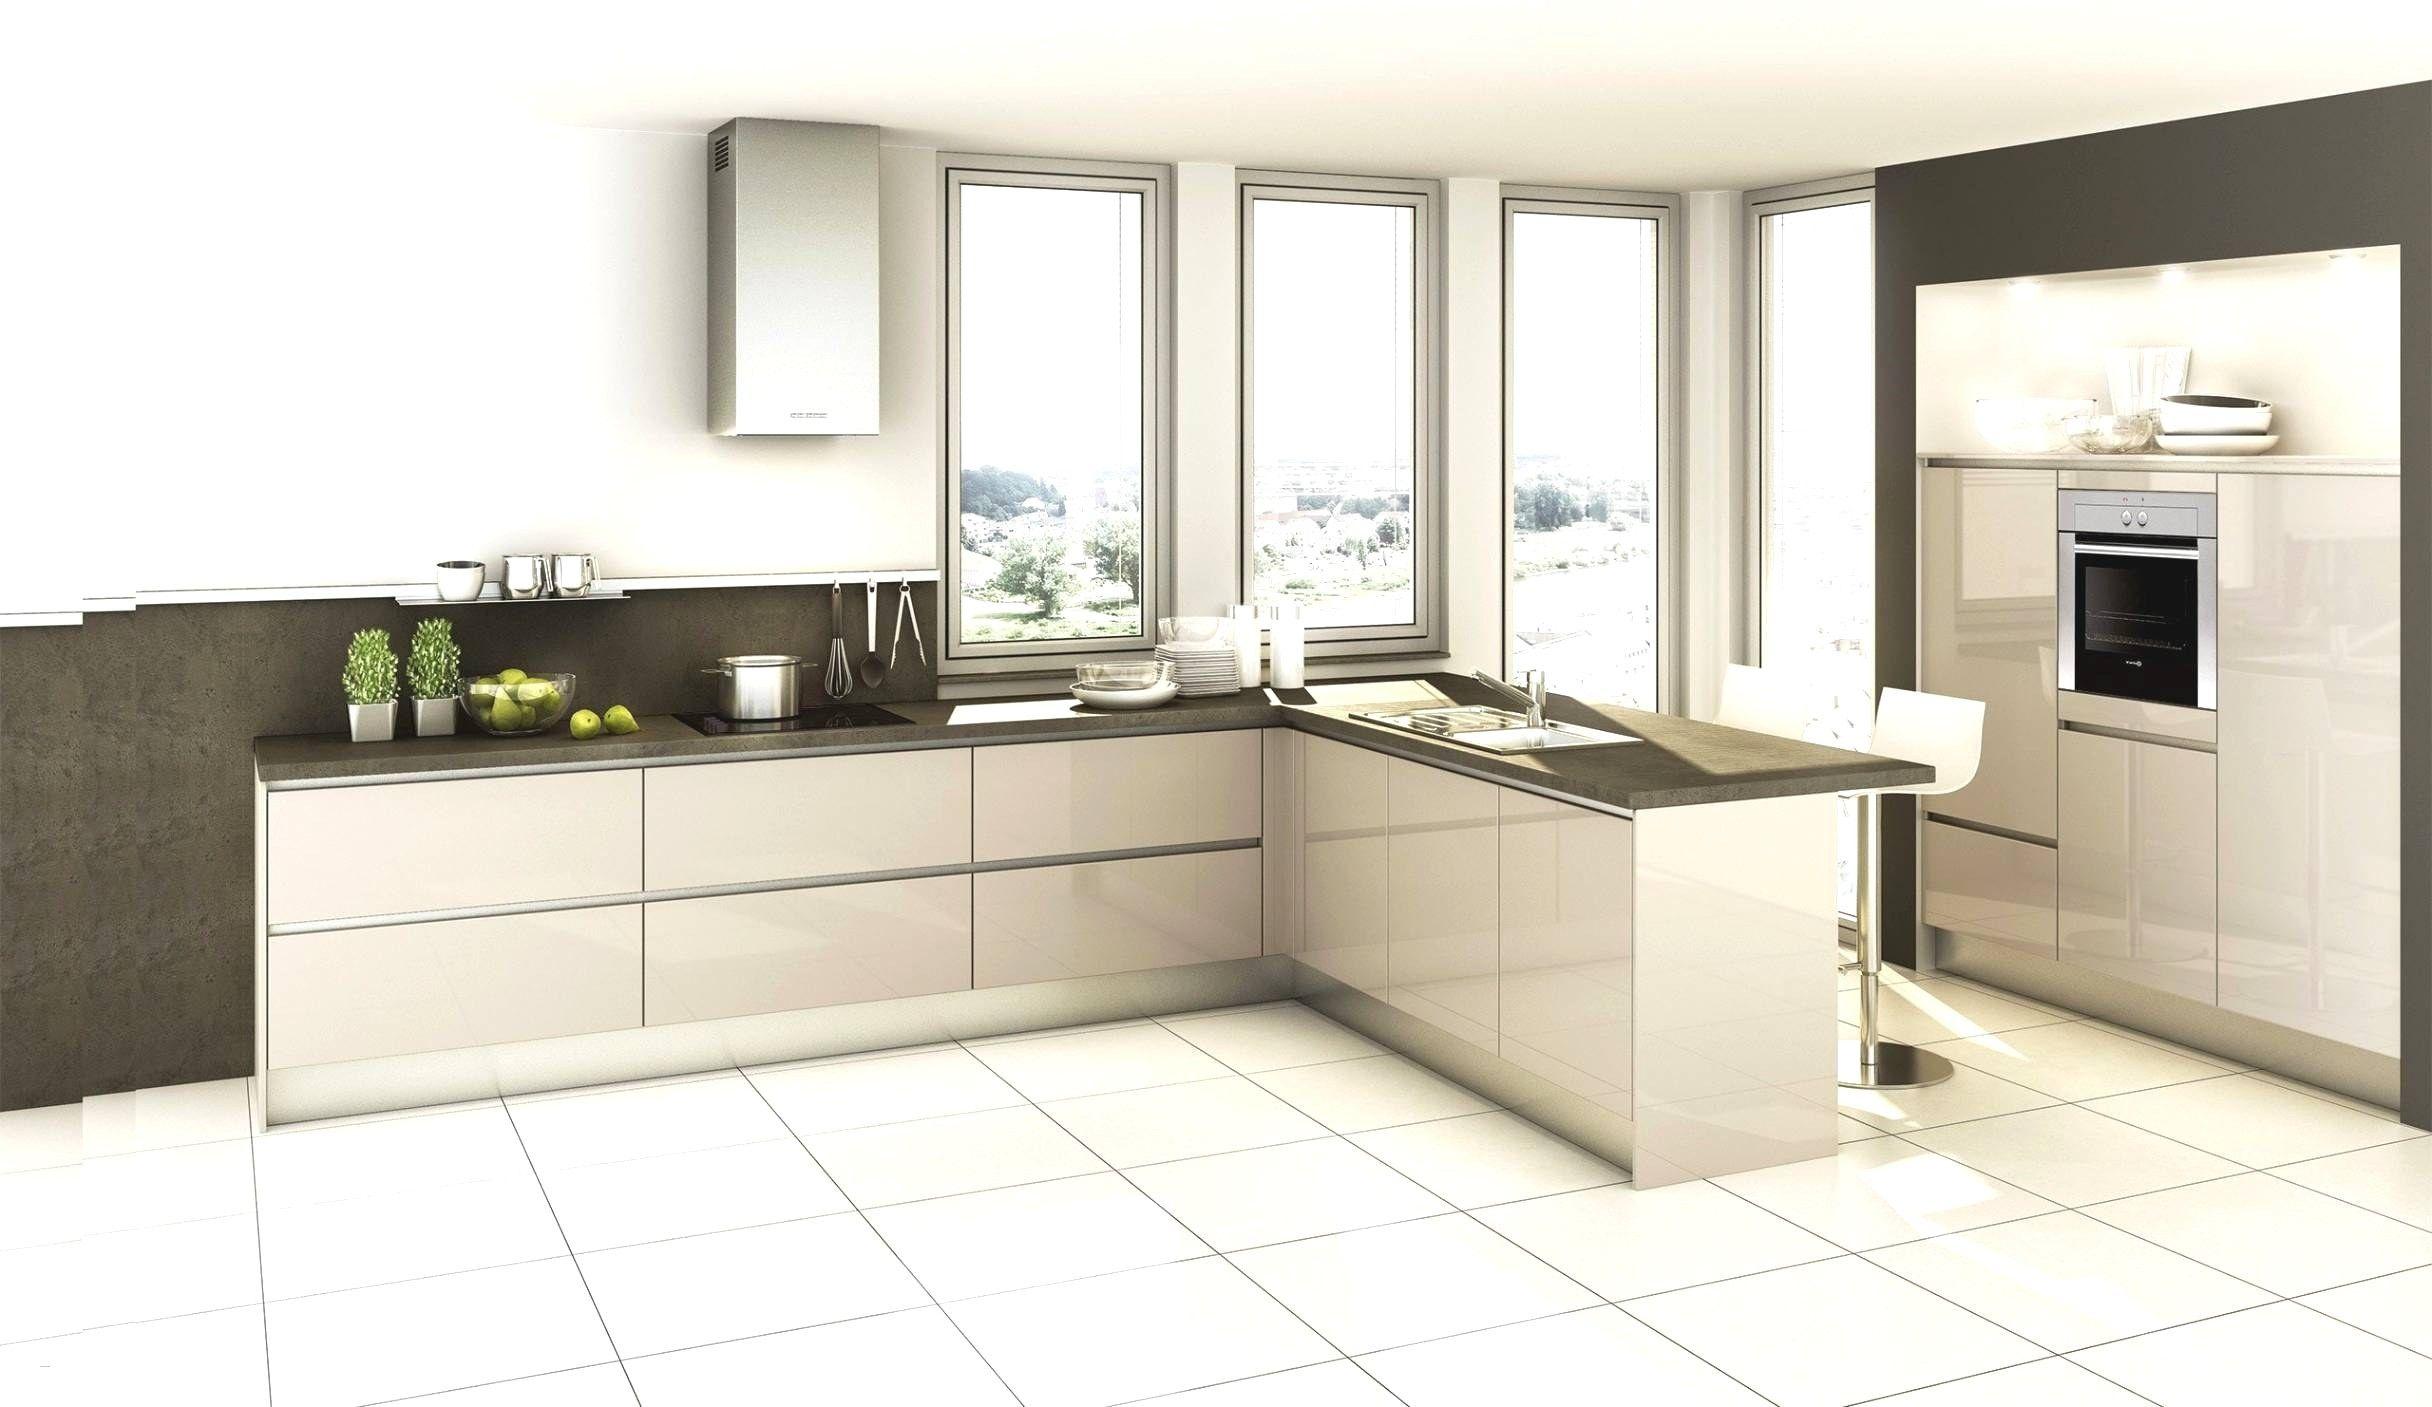 Inspirierend Und Verlockend Kuche Mit Kochinsel Und Theke Auf Deine Kitchen Remodel Kitchen Cabinets Home Decor